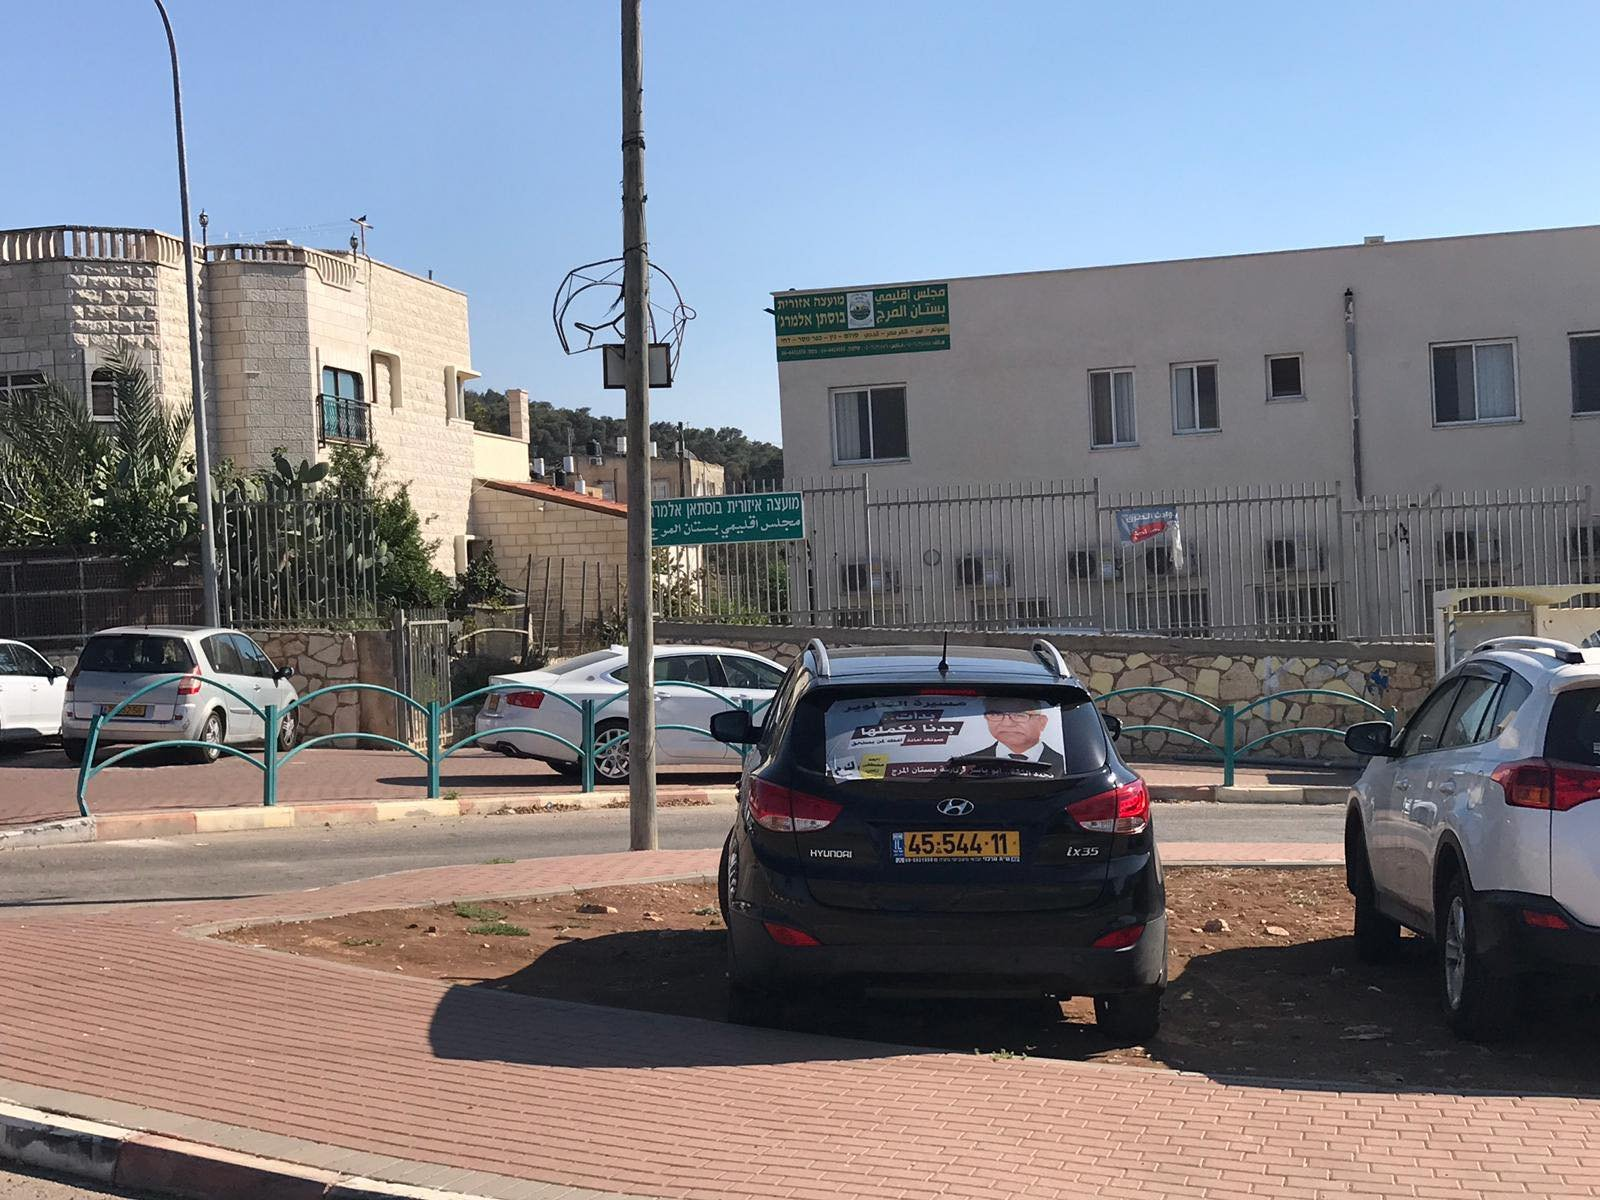 بستان المرج: رئيس المجلس أحمد زعبي يقدم قائمته للرئاسة وقائمة العضوية لكفر مصر ولأول مرة بتمثيل نسائي